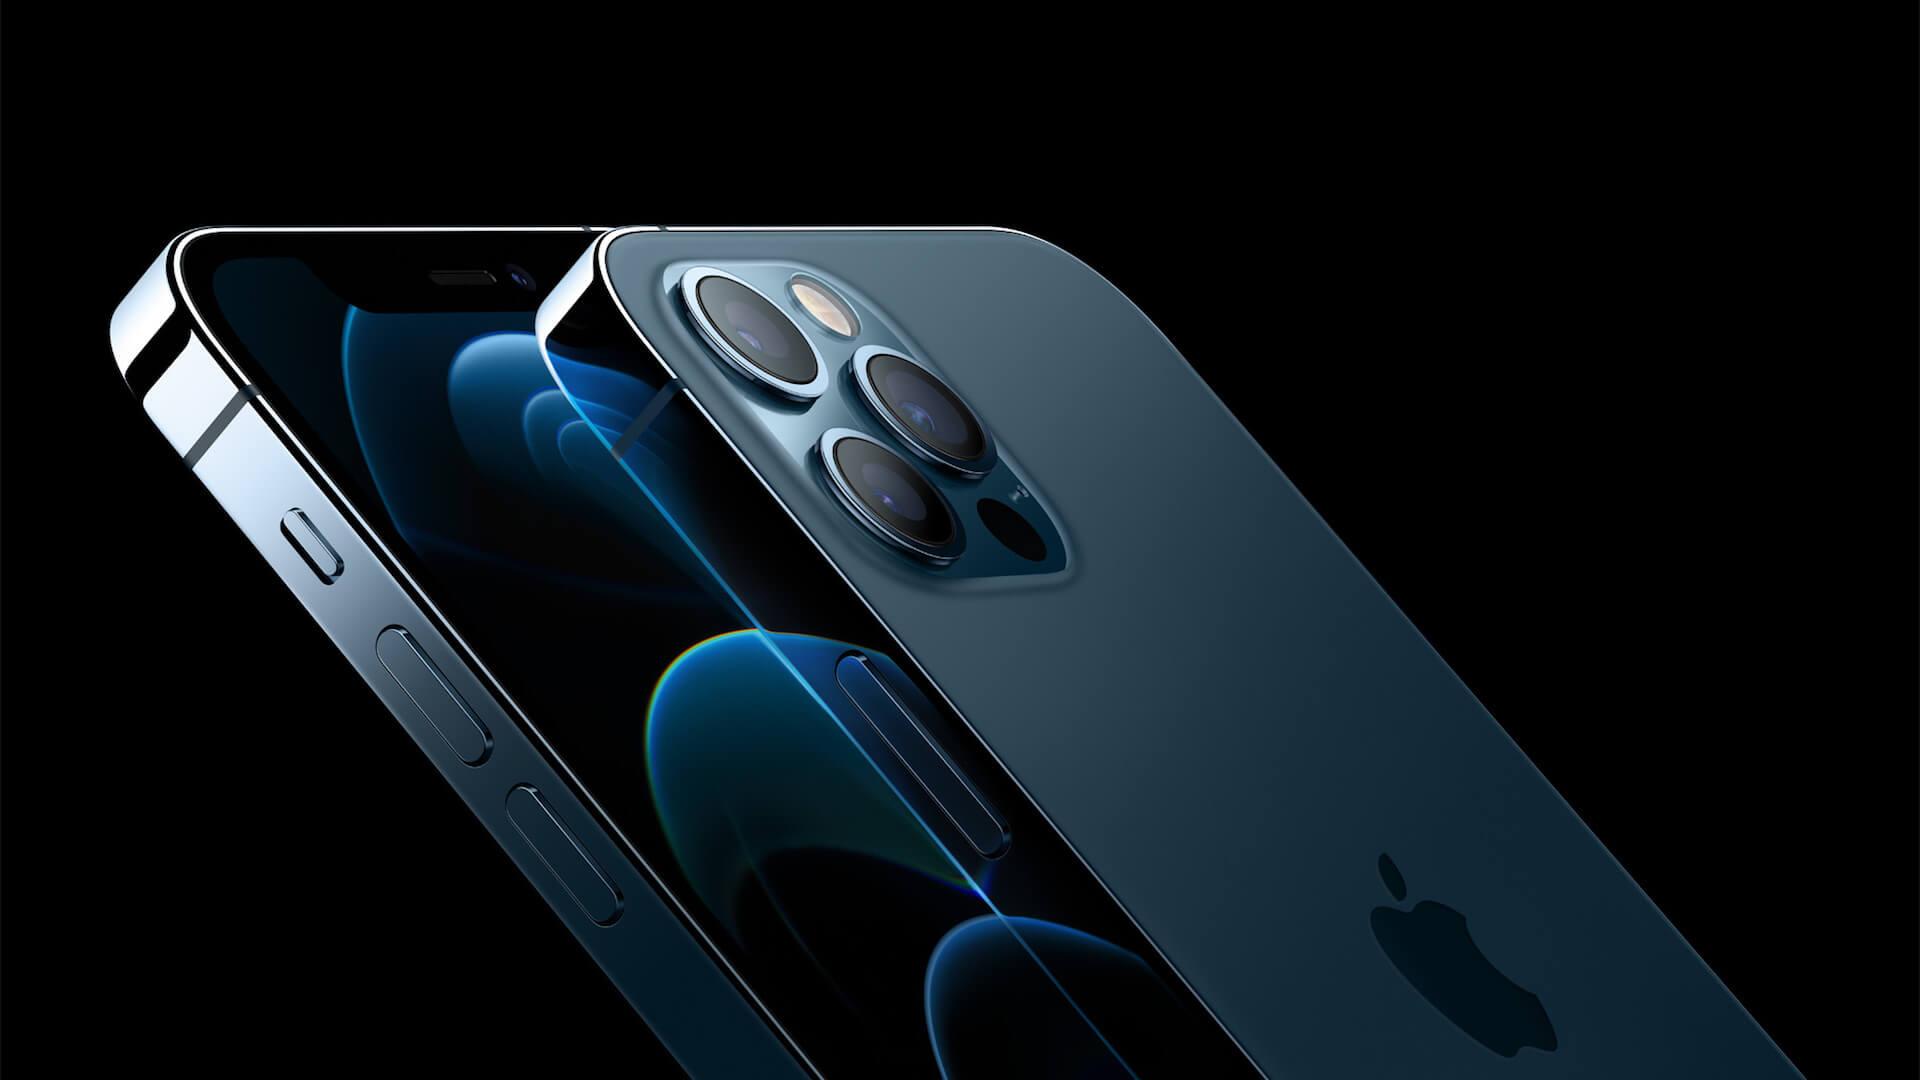 iPhone 13でカメラのアップデートは実現しない?2022年までレンズ仕様変わらずの可能性 tech210112_iphone13_1